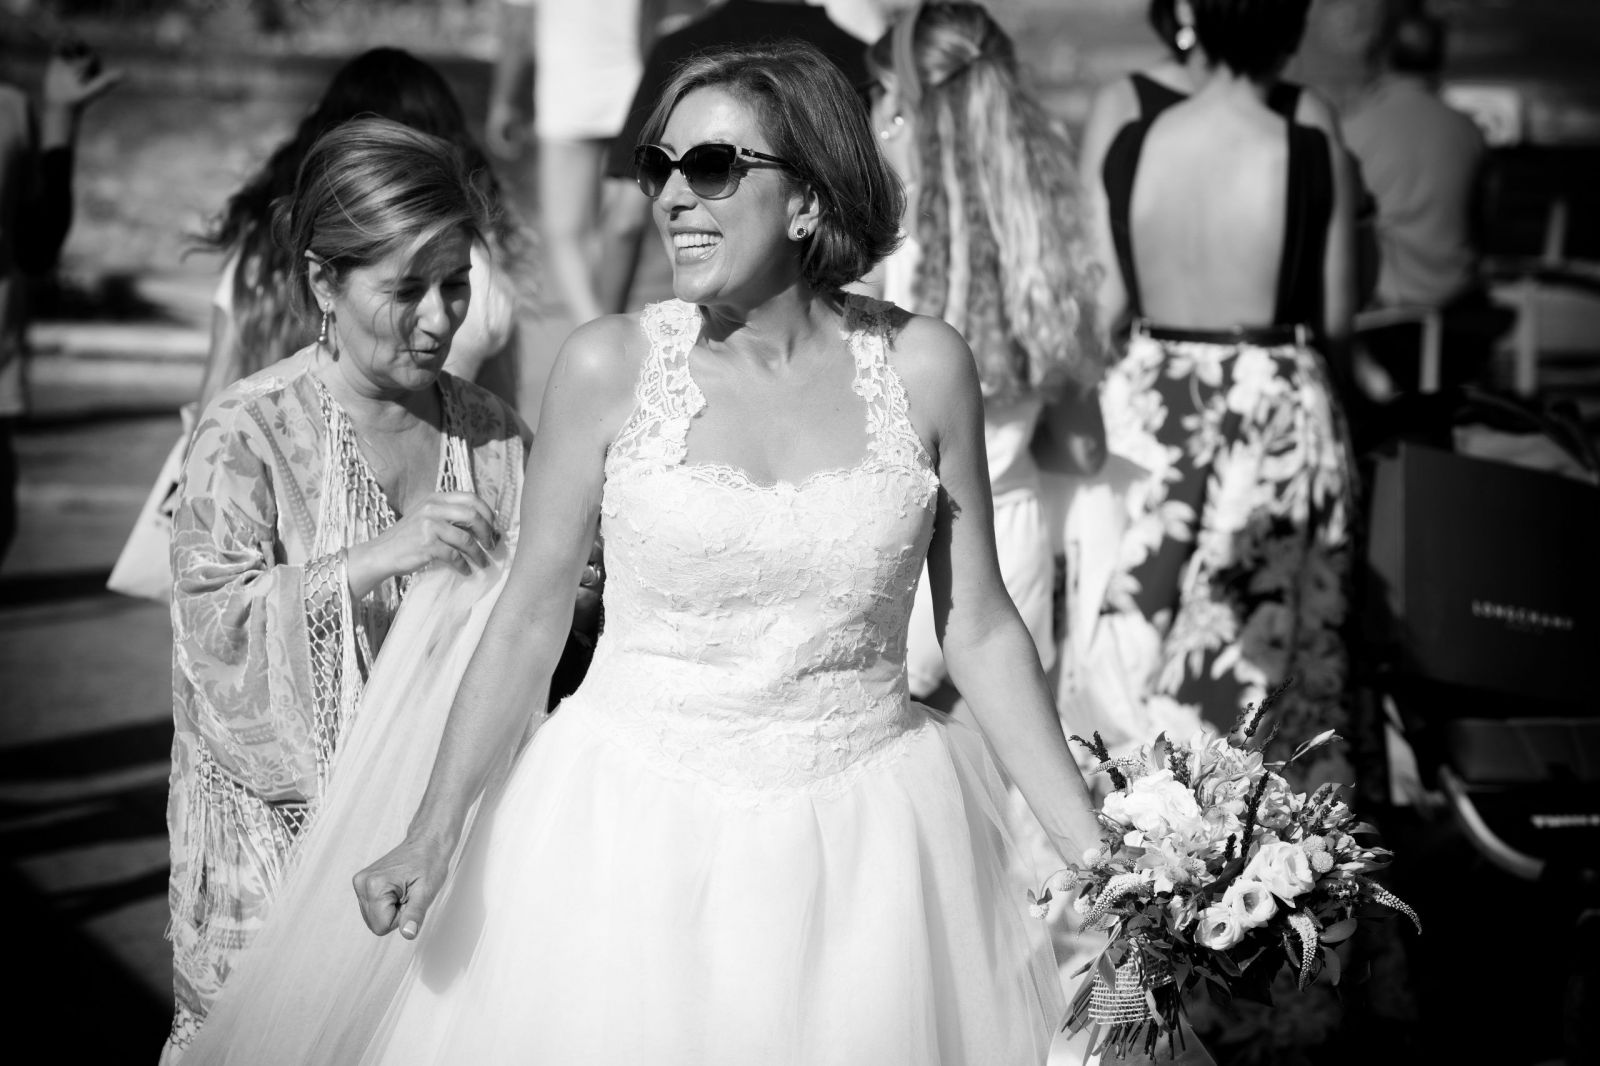 fotografo-boda-intima-sitges-barcelona-306